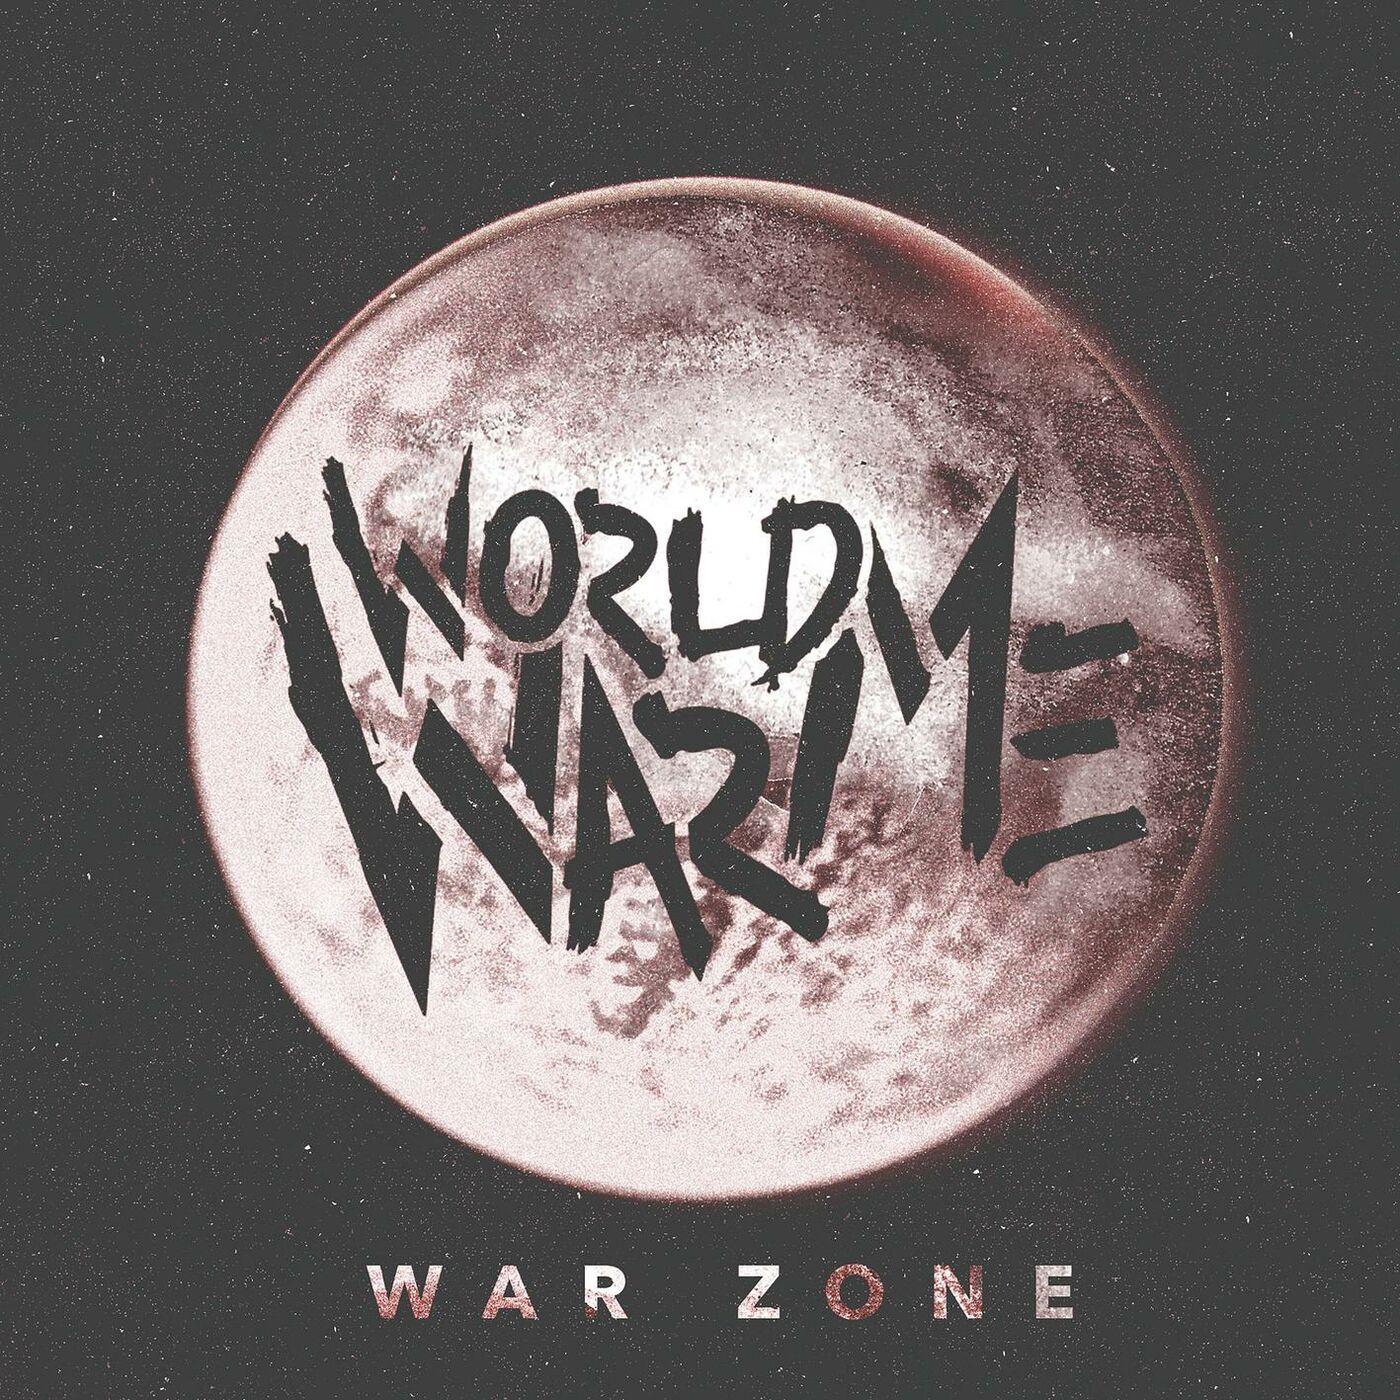 World War Me - War Zone [single] (2016)